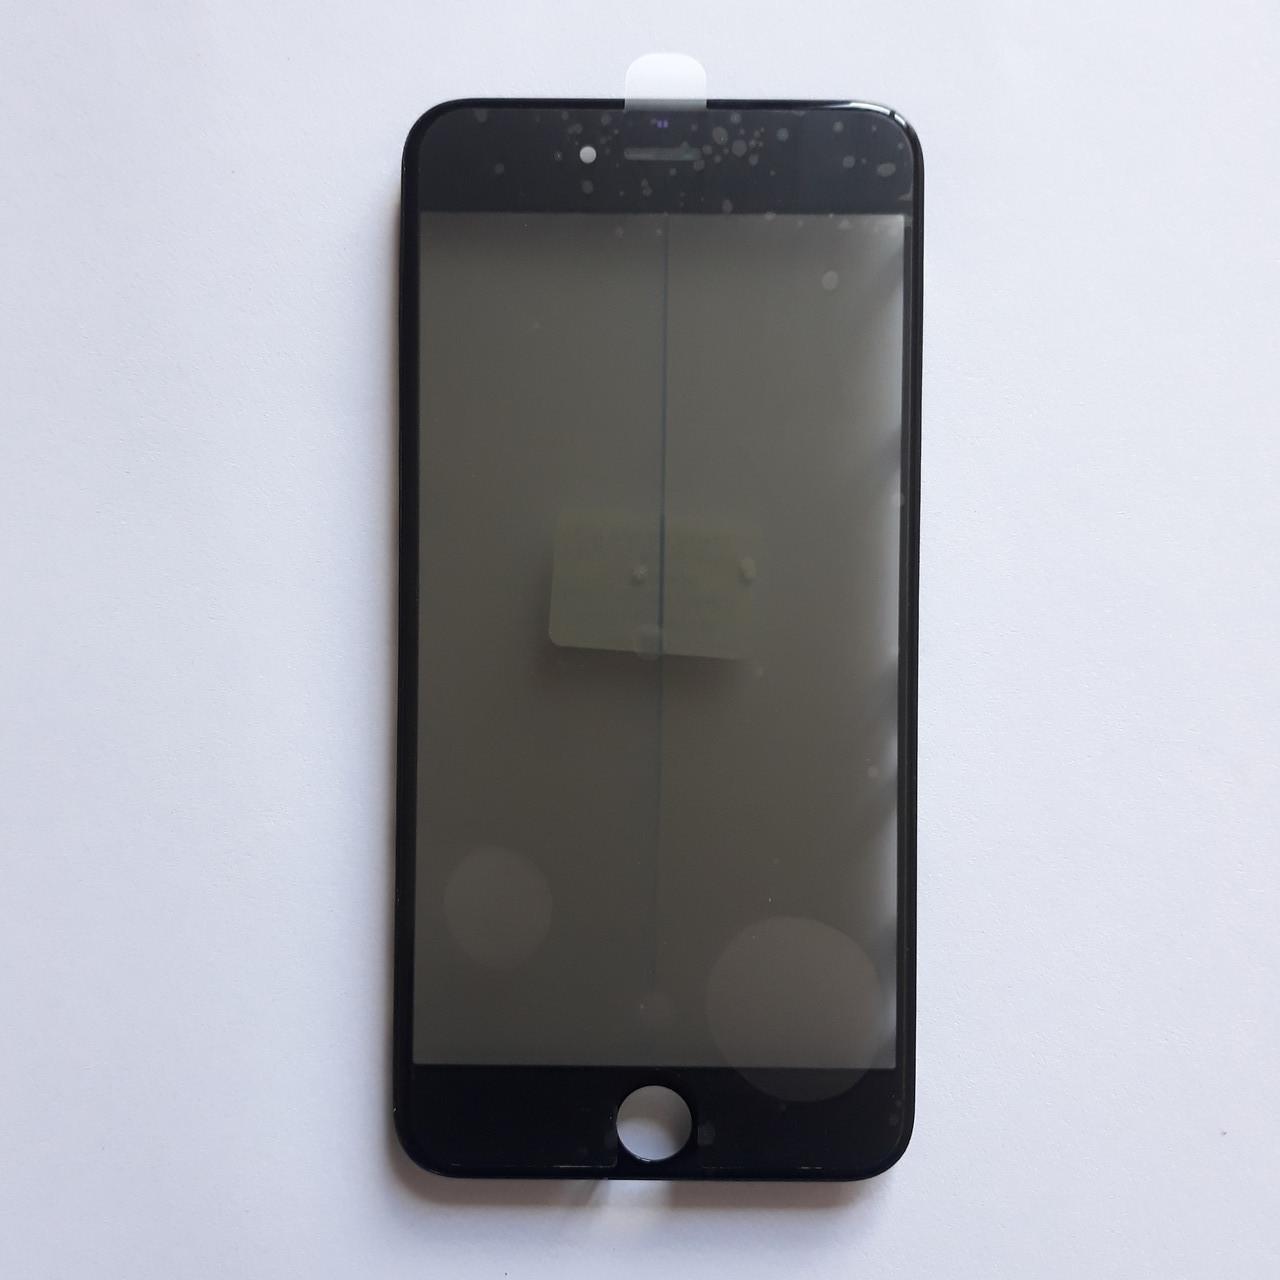 Скло корпуса Apple iPhone 6S Plus з рамкою, OCA плівкою, поляризаційної плівкою Black